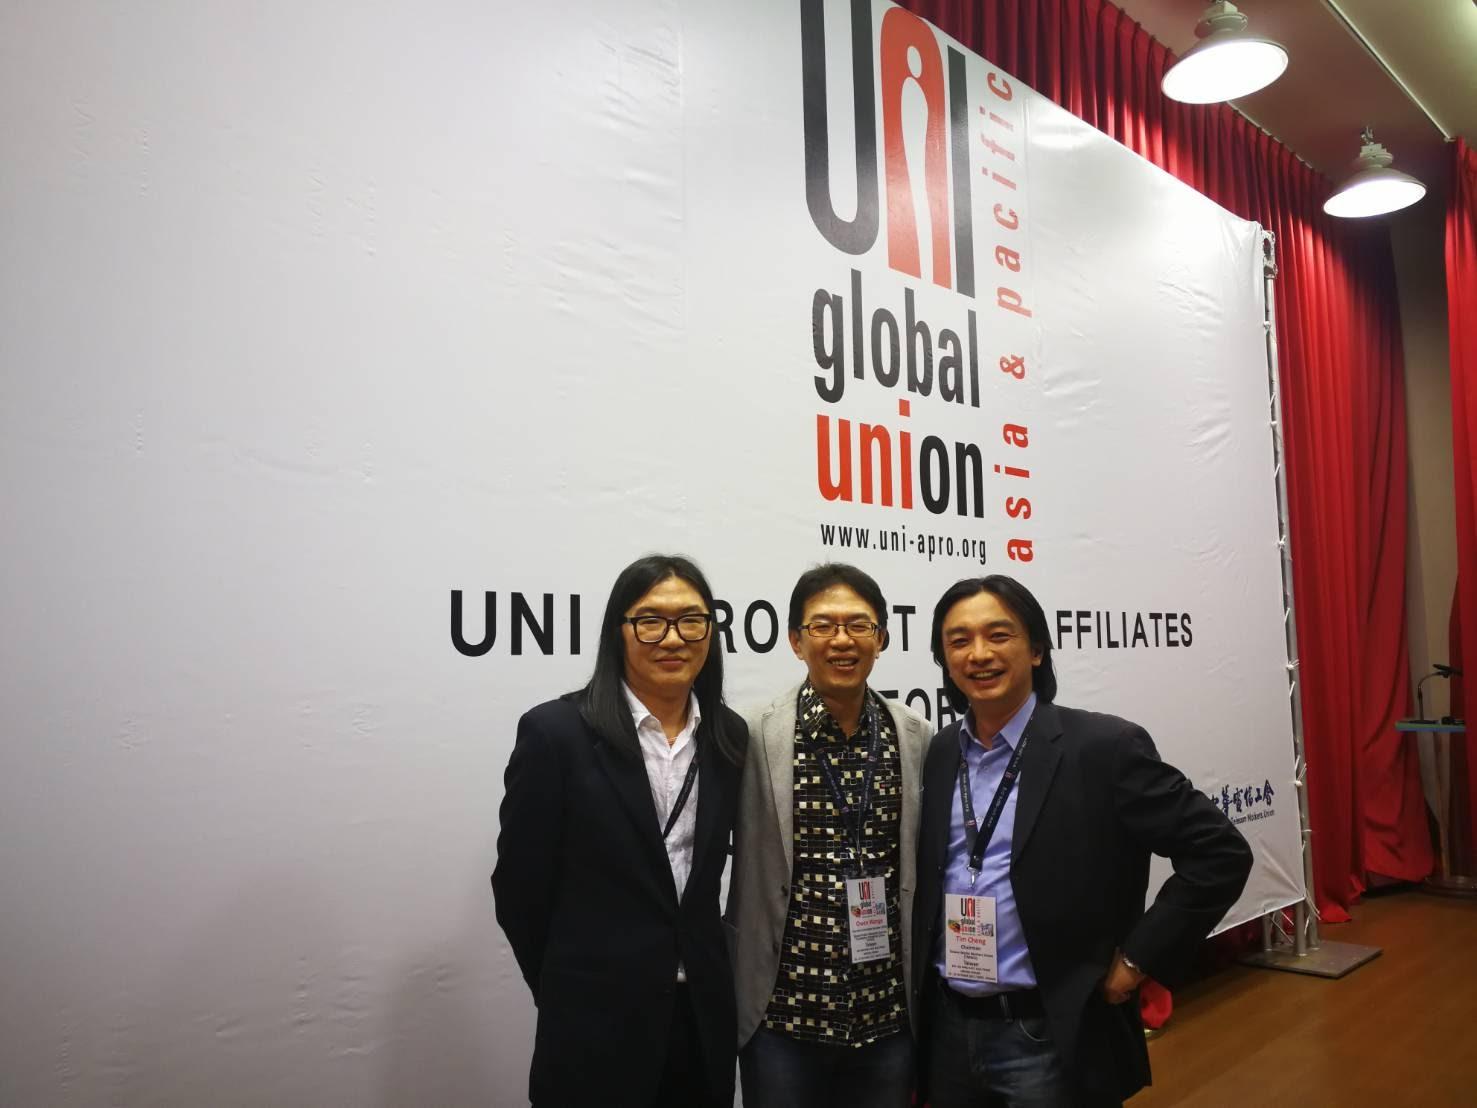 圖說:出席全球工會聯盟東亞工會論壇